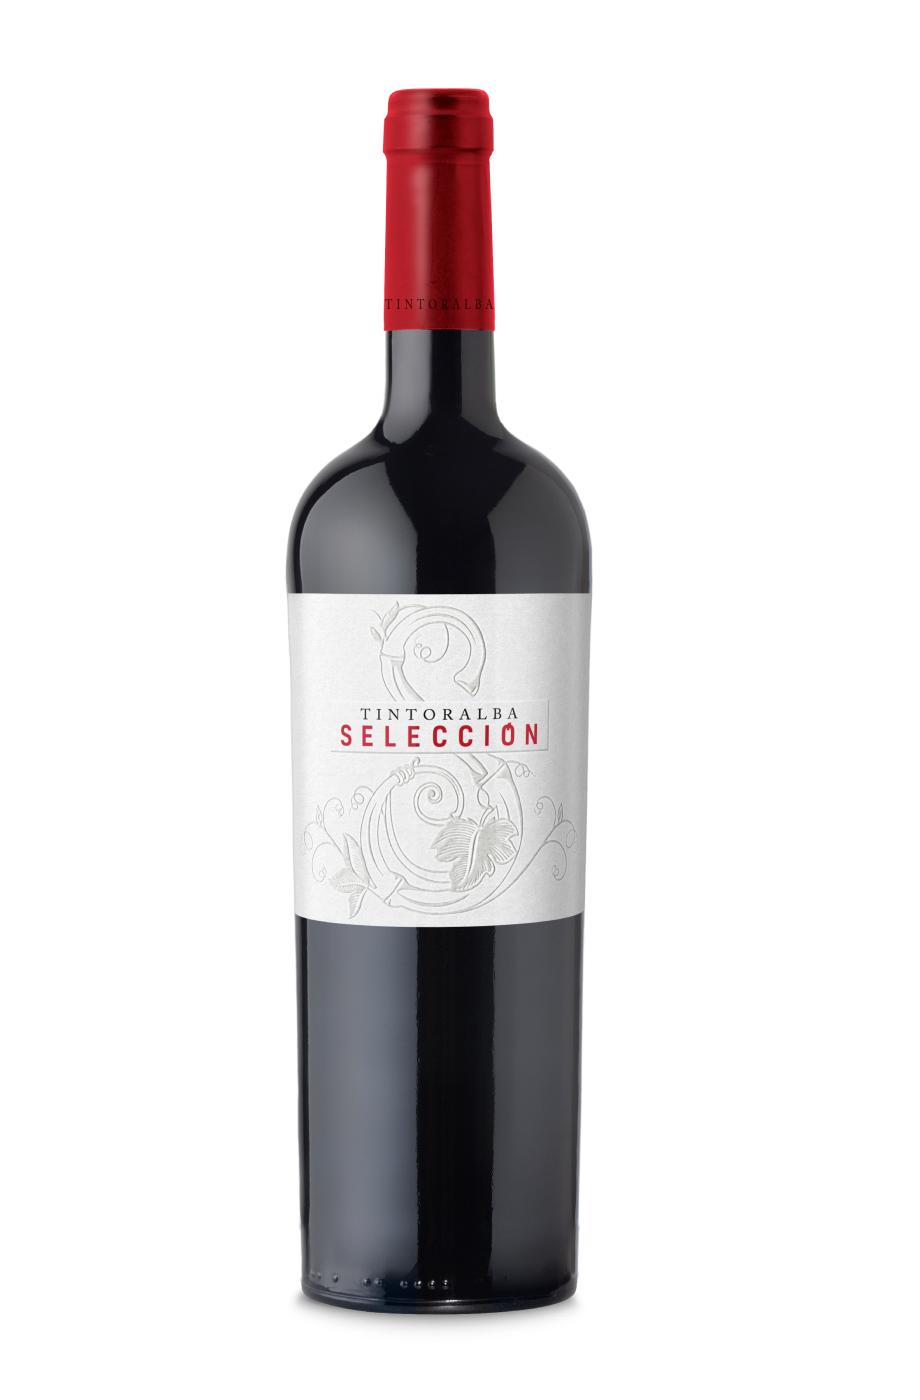 Tintoralba Selección | Tintoralba - Winexfood